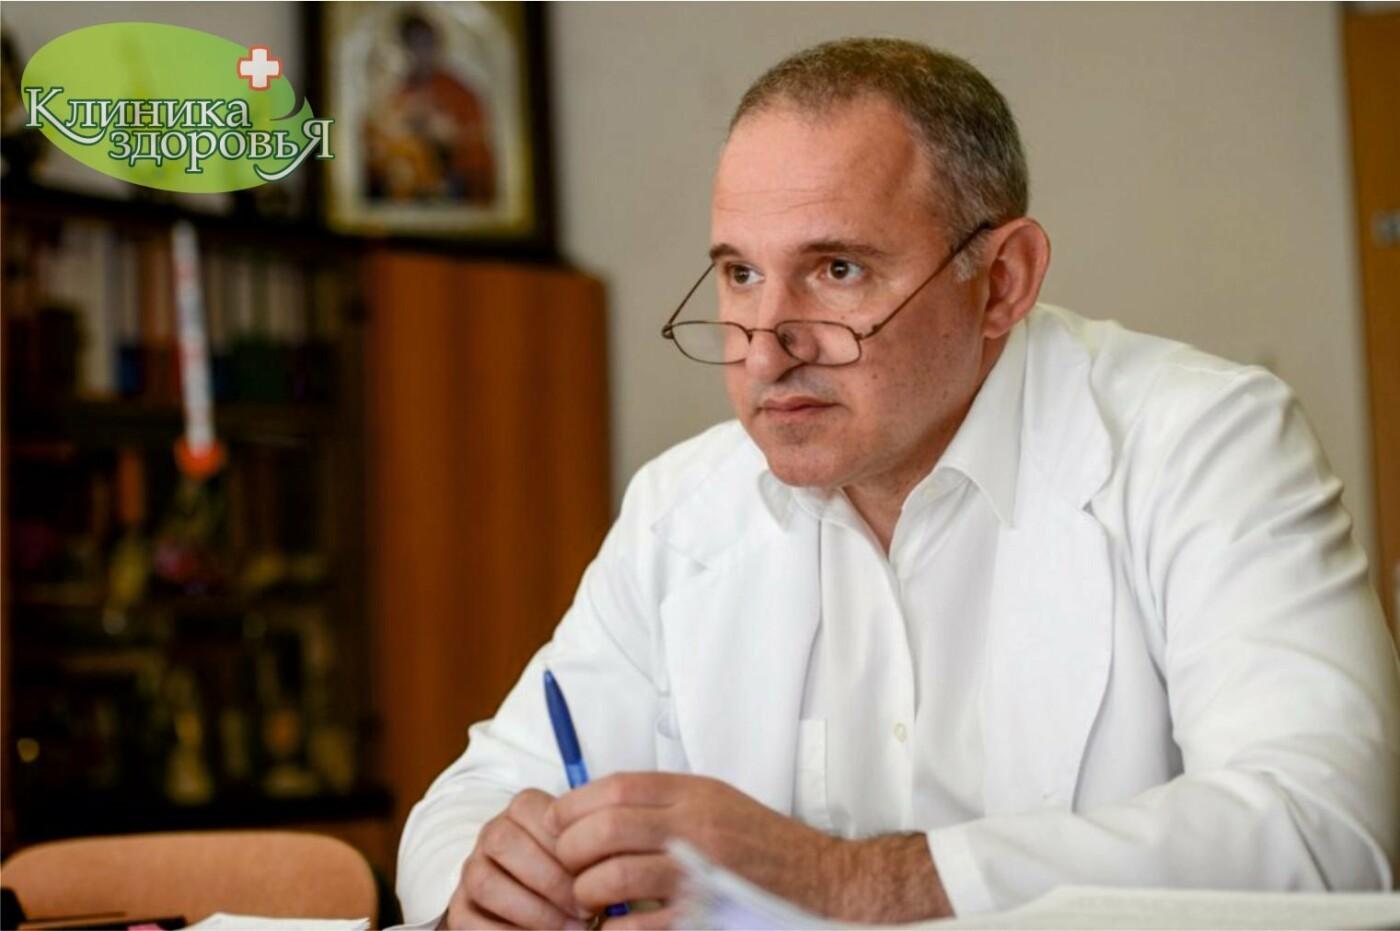 Мариупольцы, нуждающиеся в кардиохиругическом лечении, смогут попасть на прием к сотрудникам Киевского института сердца, фото-1